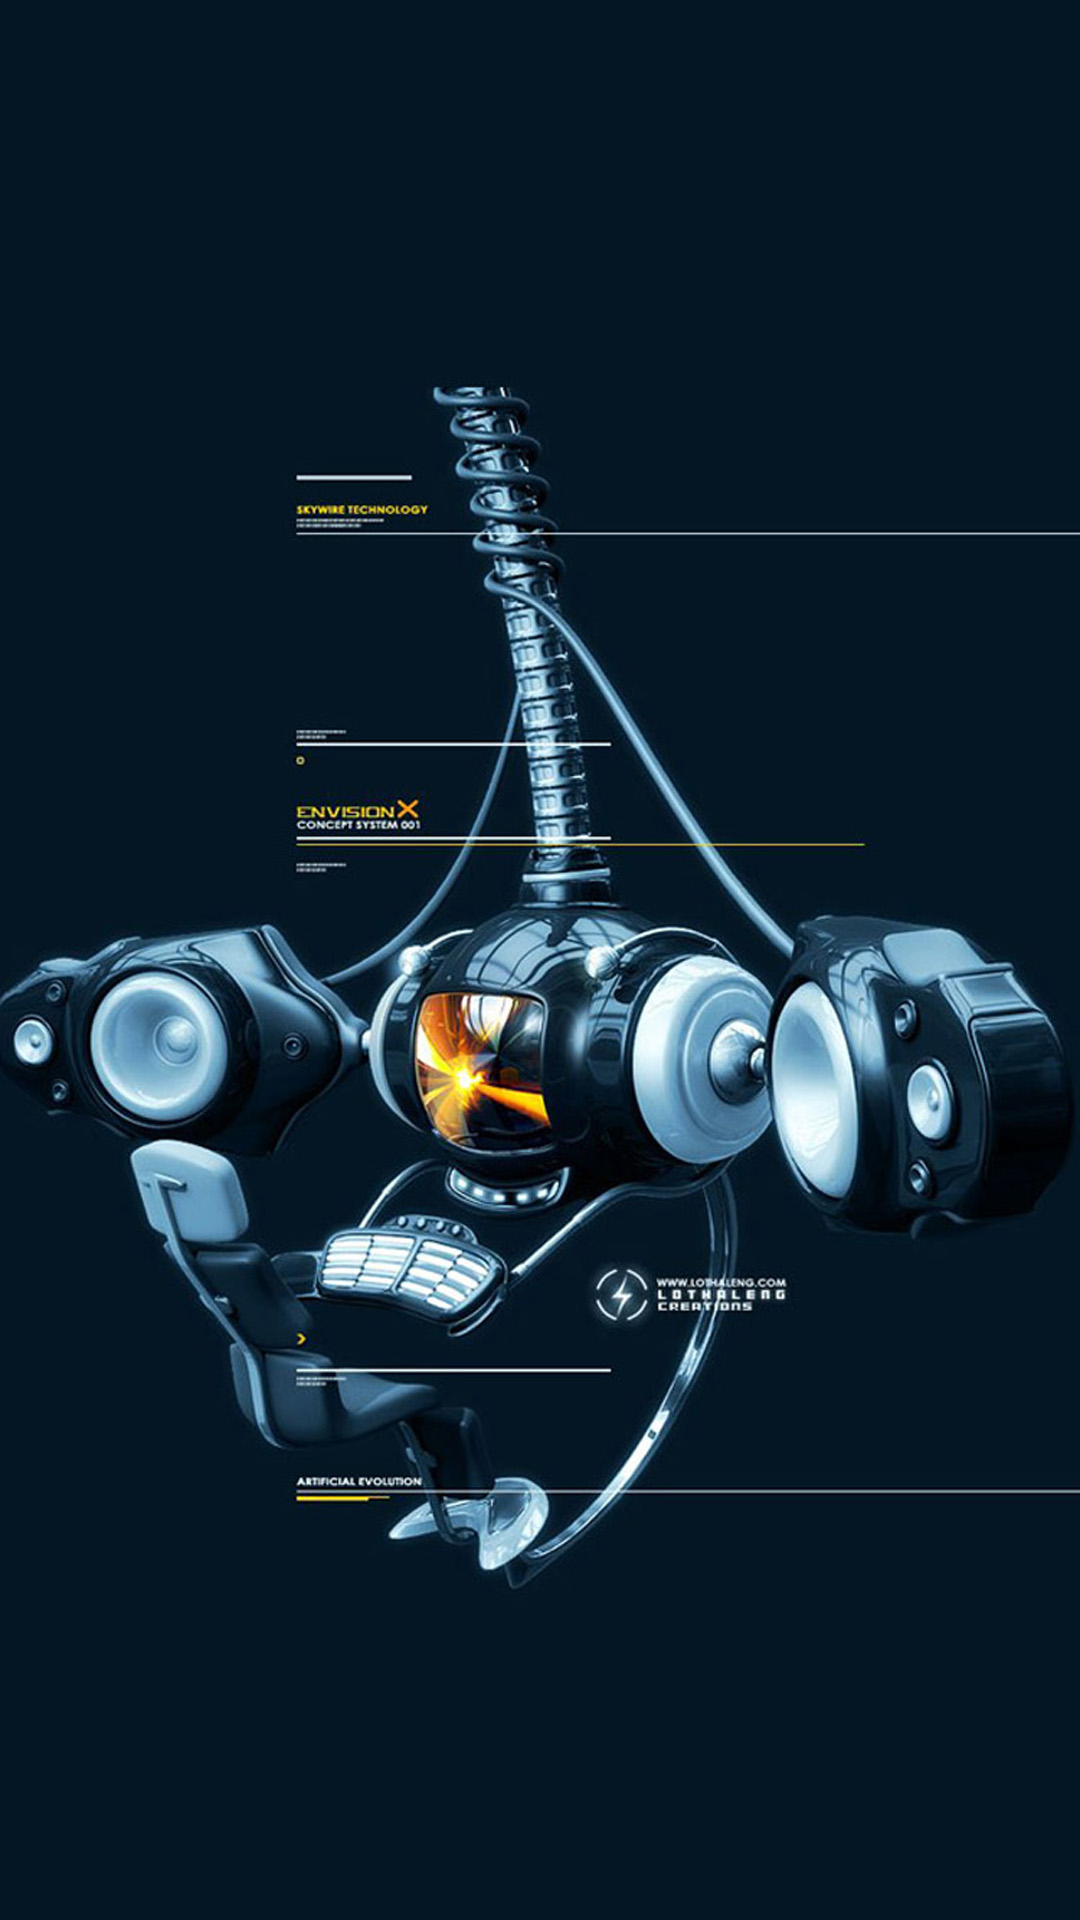 Technology Wallpaper Iphone 1080x1920 3D